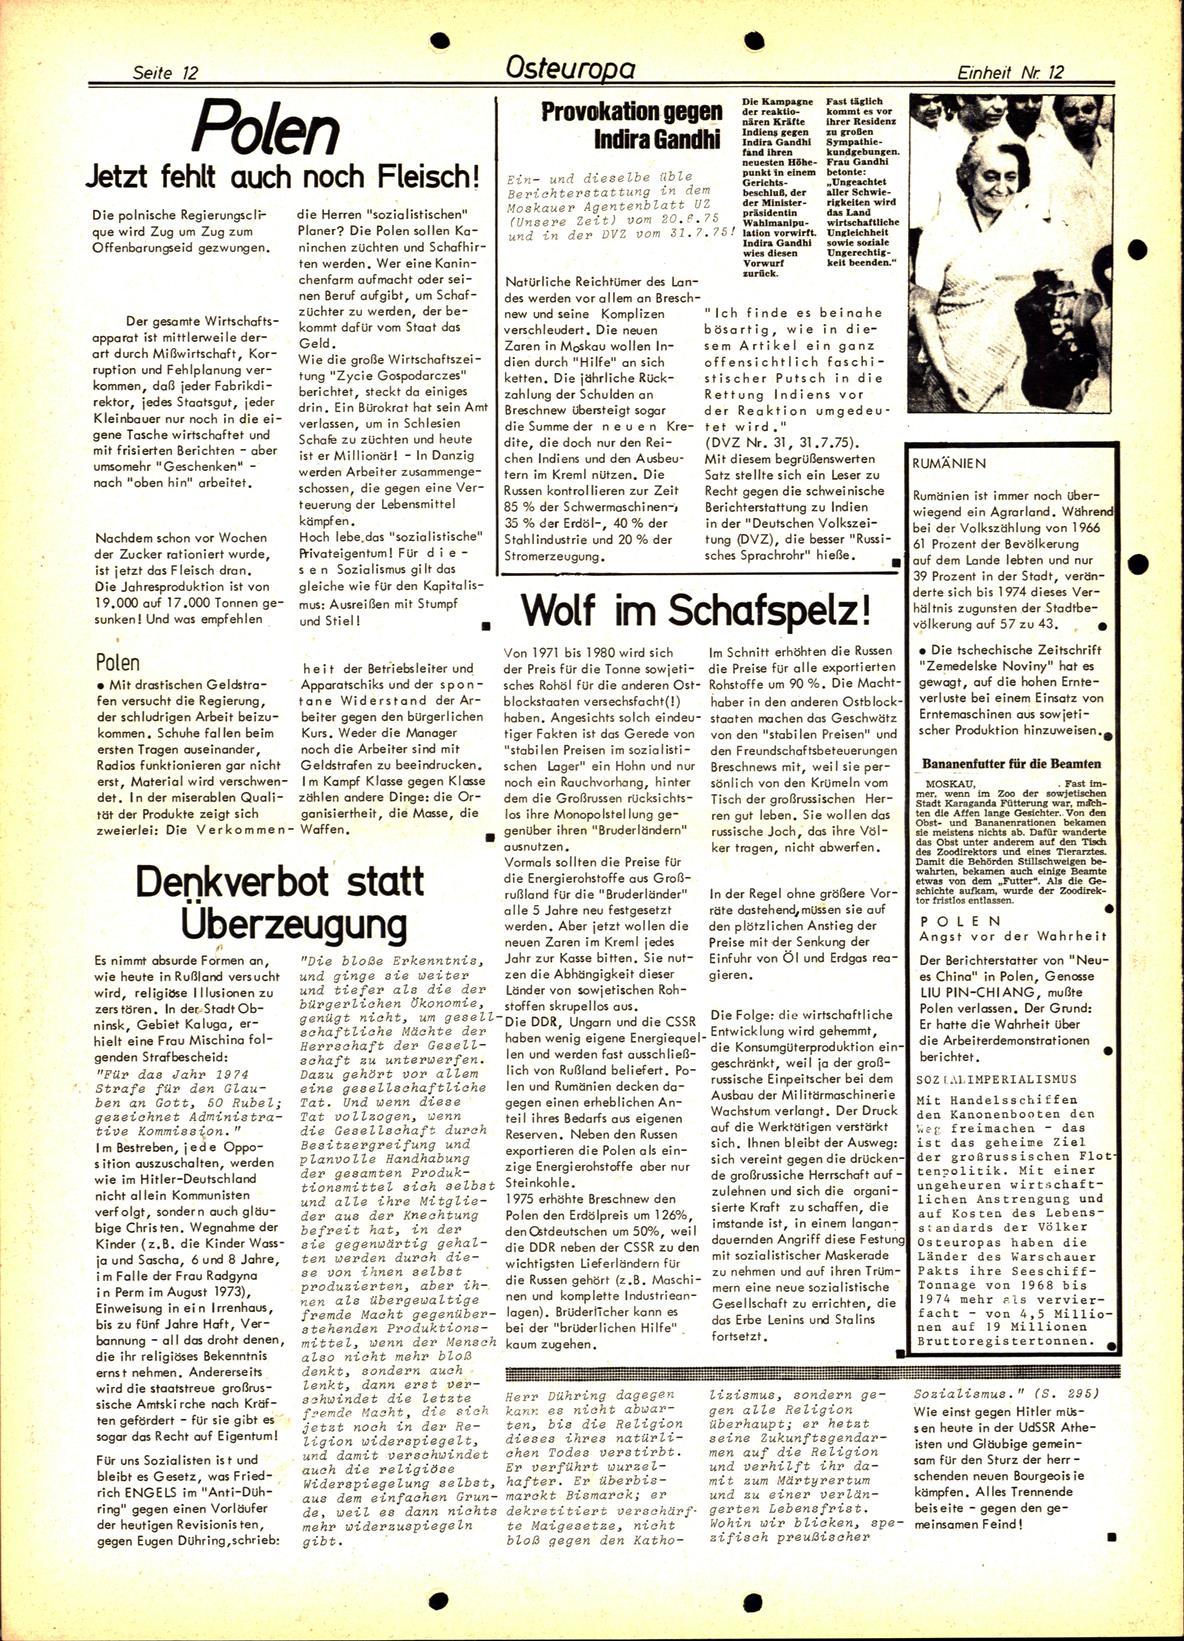 Koeln_IPdA_Einheit_1977_012_012